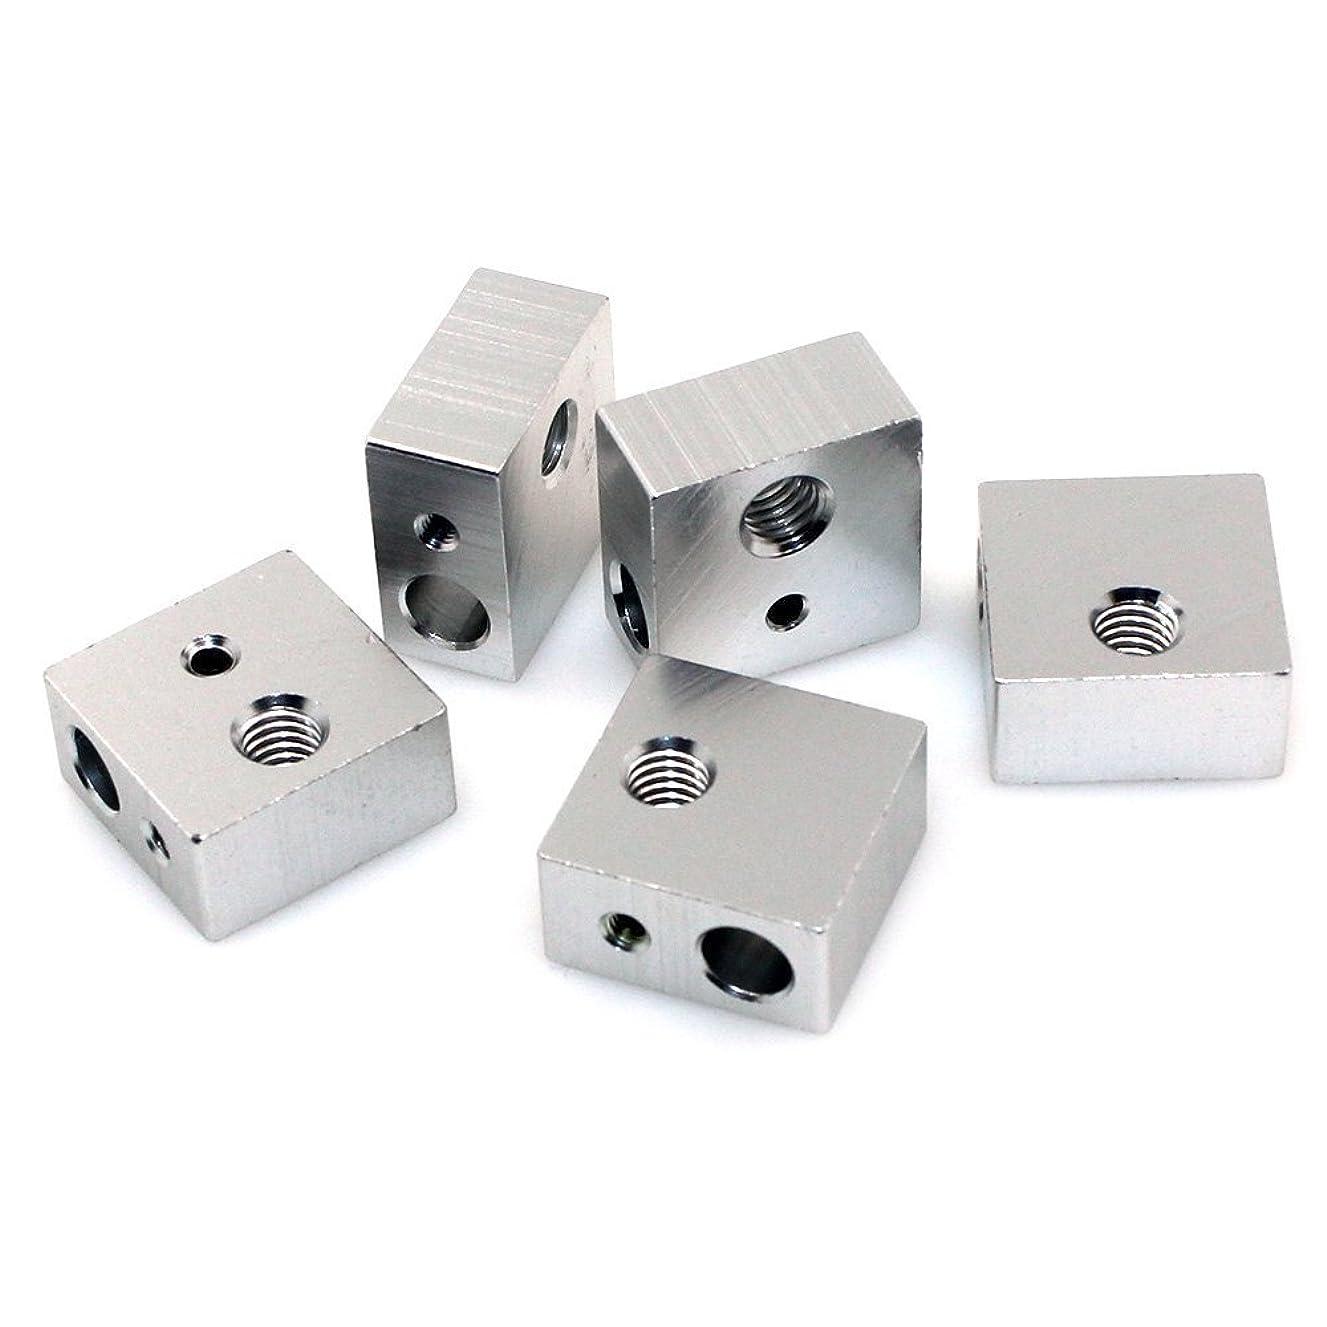 ラメ生産的時間LEOWAY 3Dプリンター用 加熱ヒータブロック5pcs アルミニウム ヒート M6 M3 スレッド ノズル 3Dプリンター MK7/MK8押出機に対応